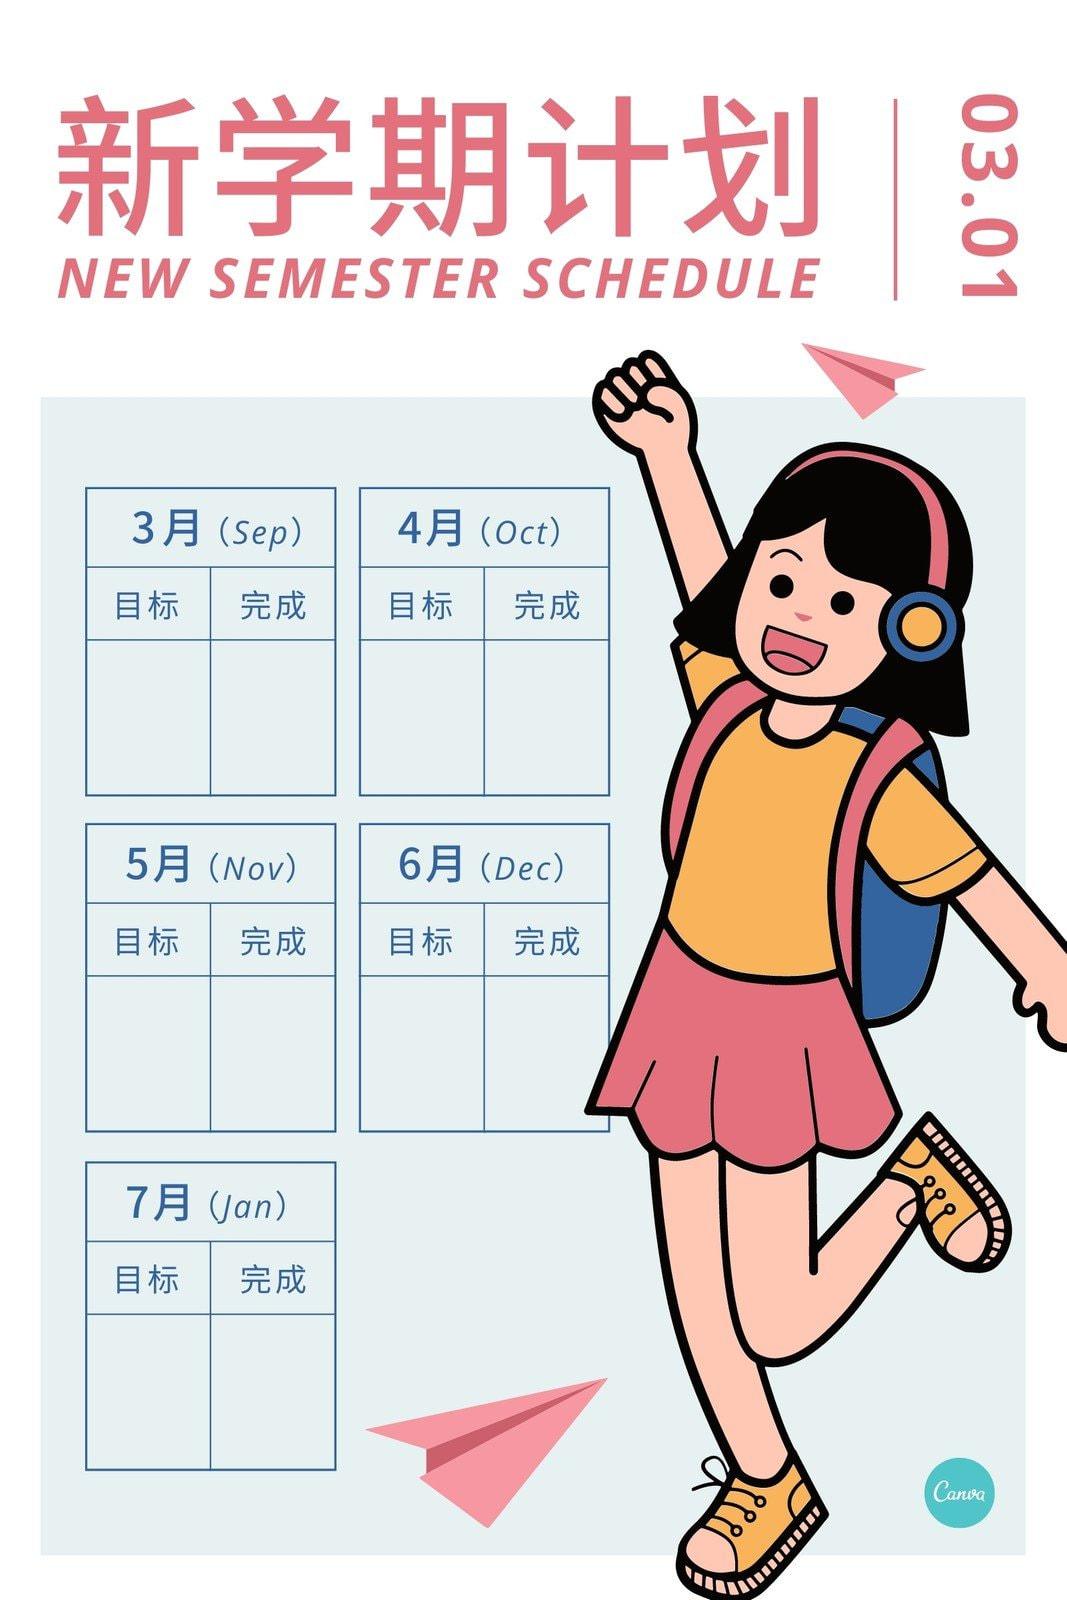 粉白色女同学纸飞机矢量计划表